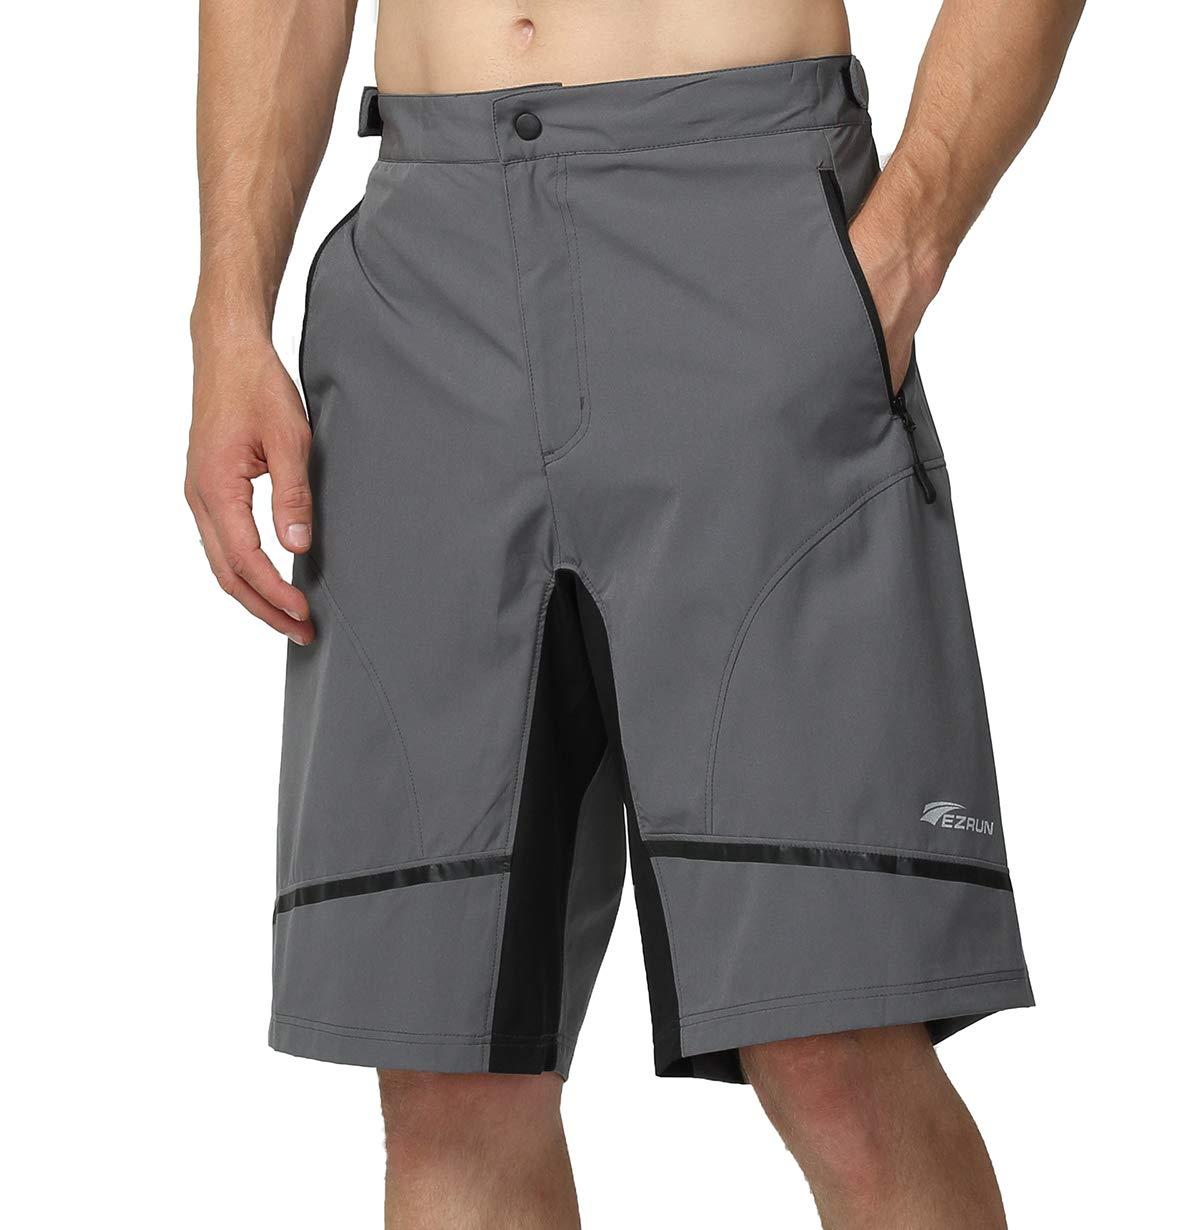 EZRUN Men s Mountain Bike Shorts Quick Dry Lightweight Water ... 022233e89